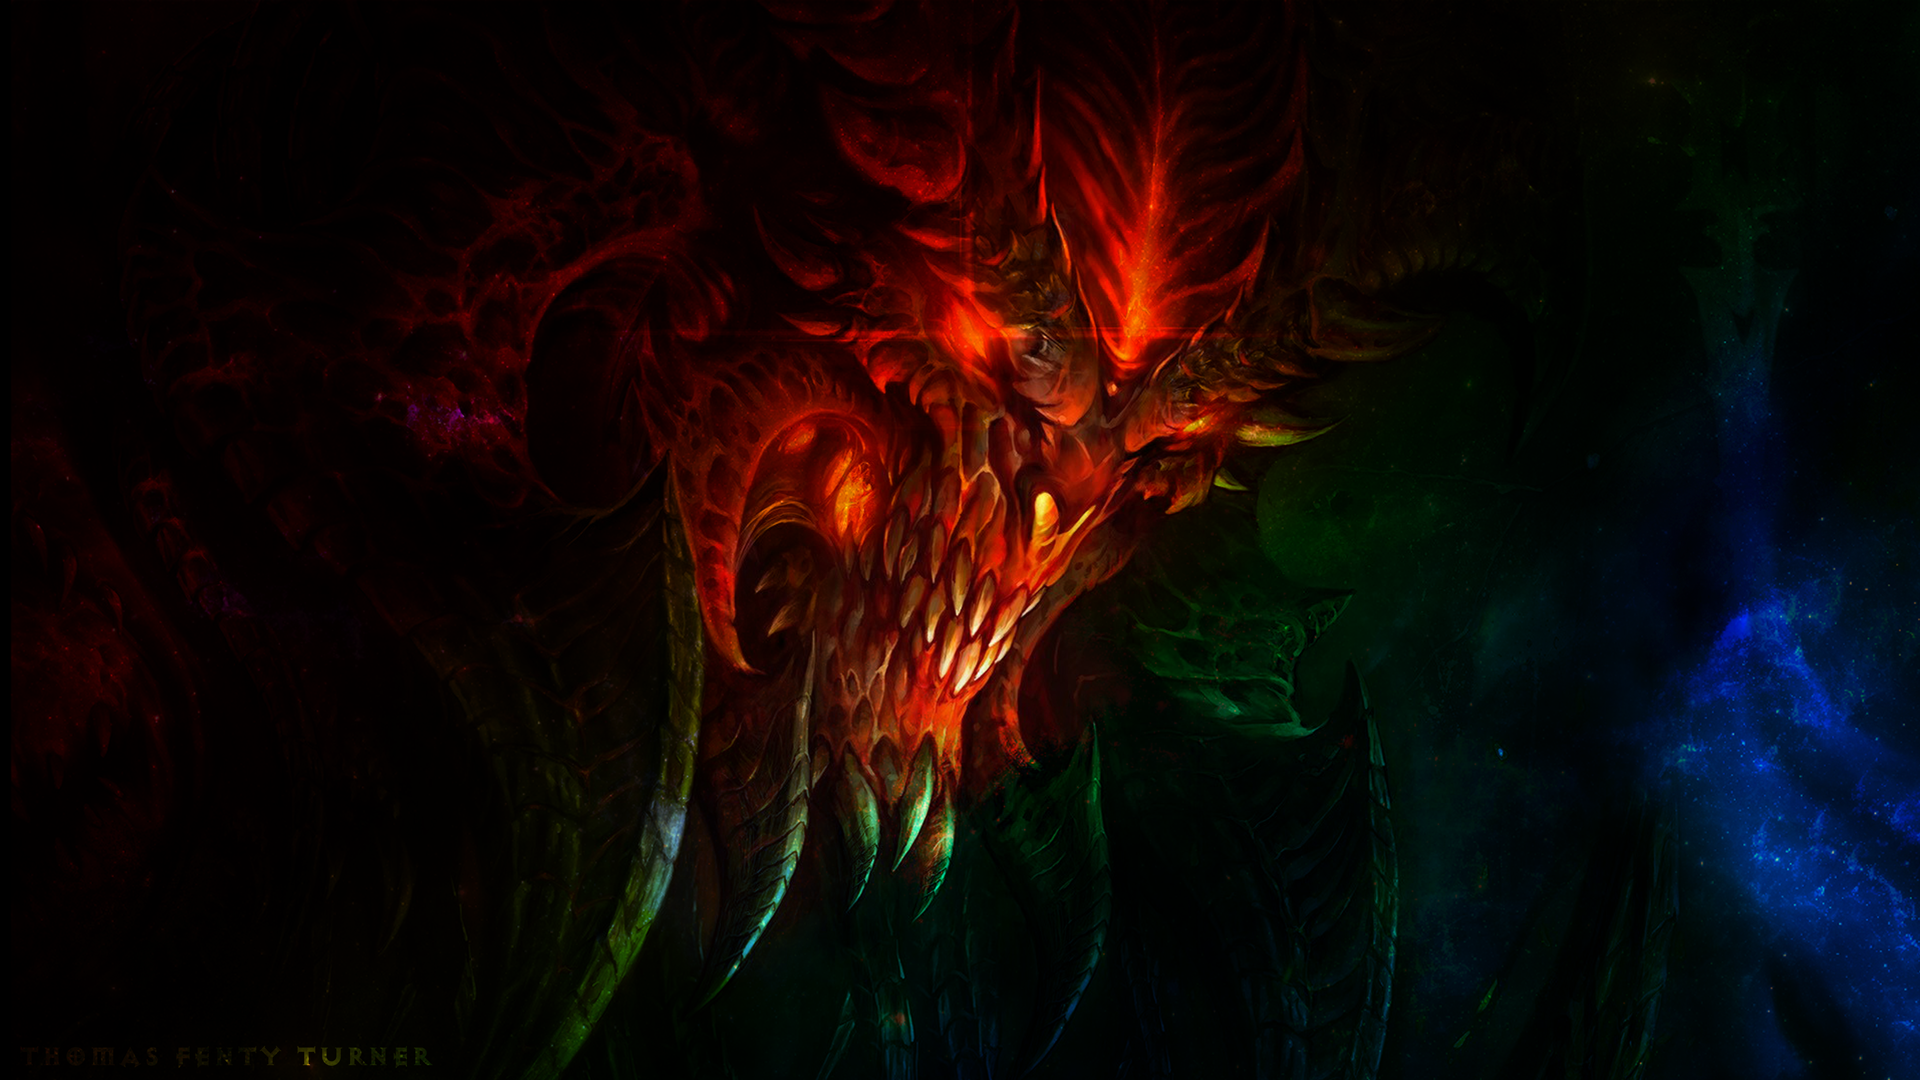 Diablo 3 Wallpaper 1920x1080: Diablo 3 Galaxy Wallpaper 1080P 1920x1080 By